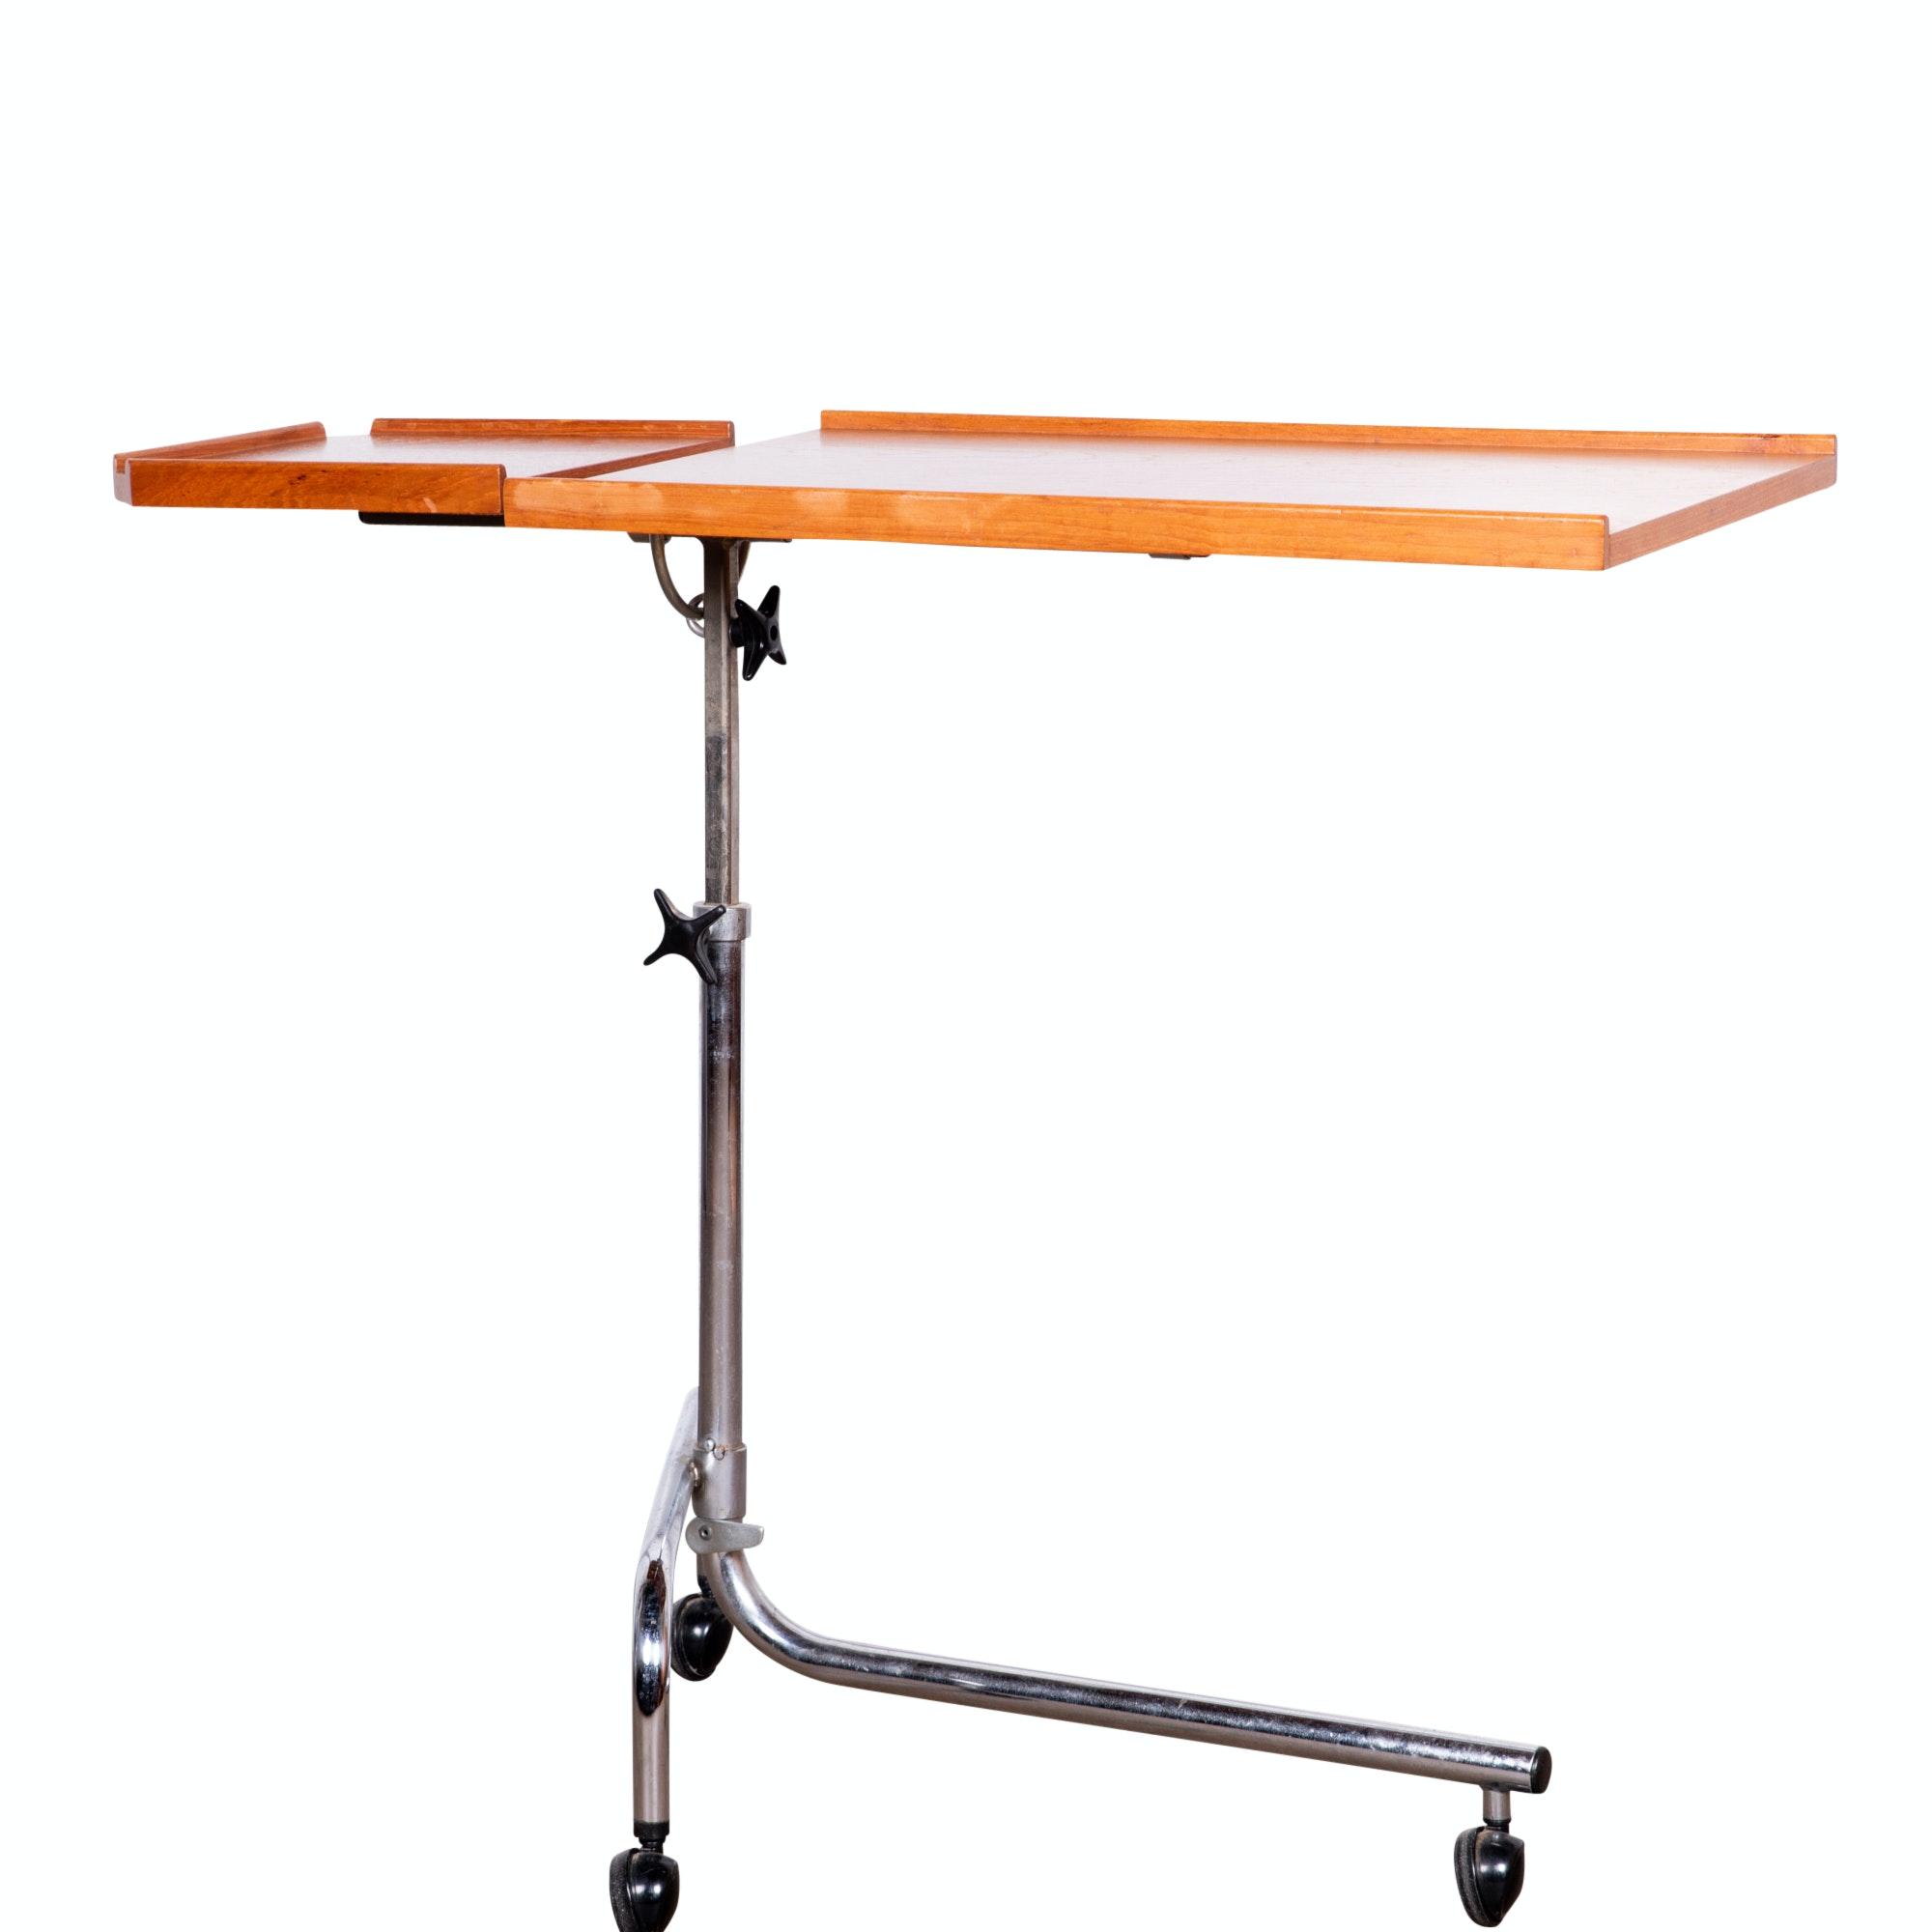 Scandinavian Modern Teak Adjustable Tray Table on Wheels, 20th Century